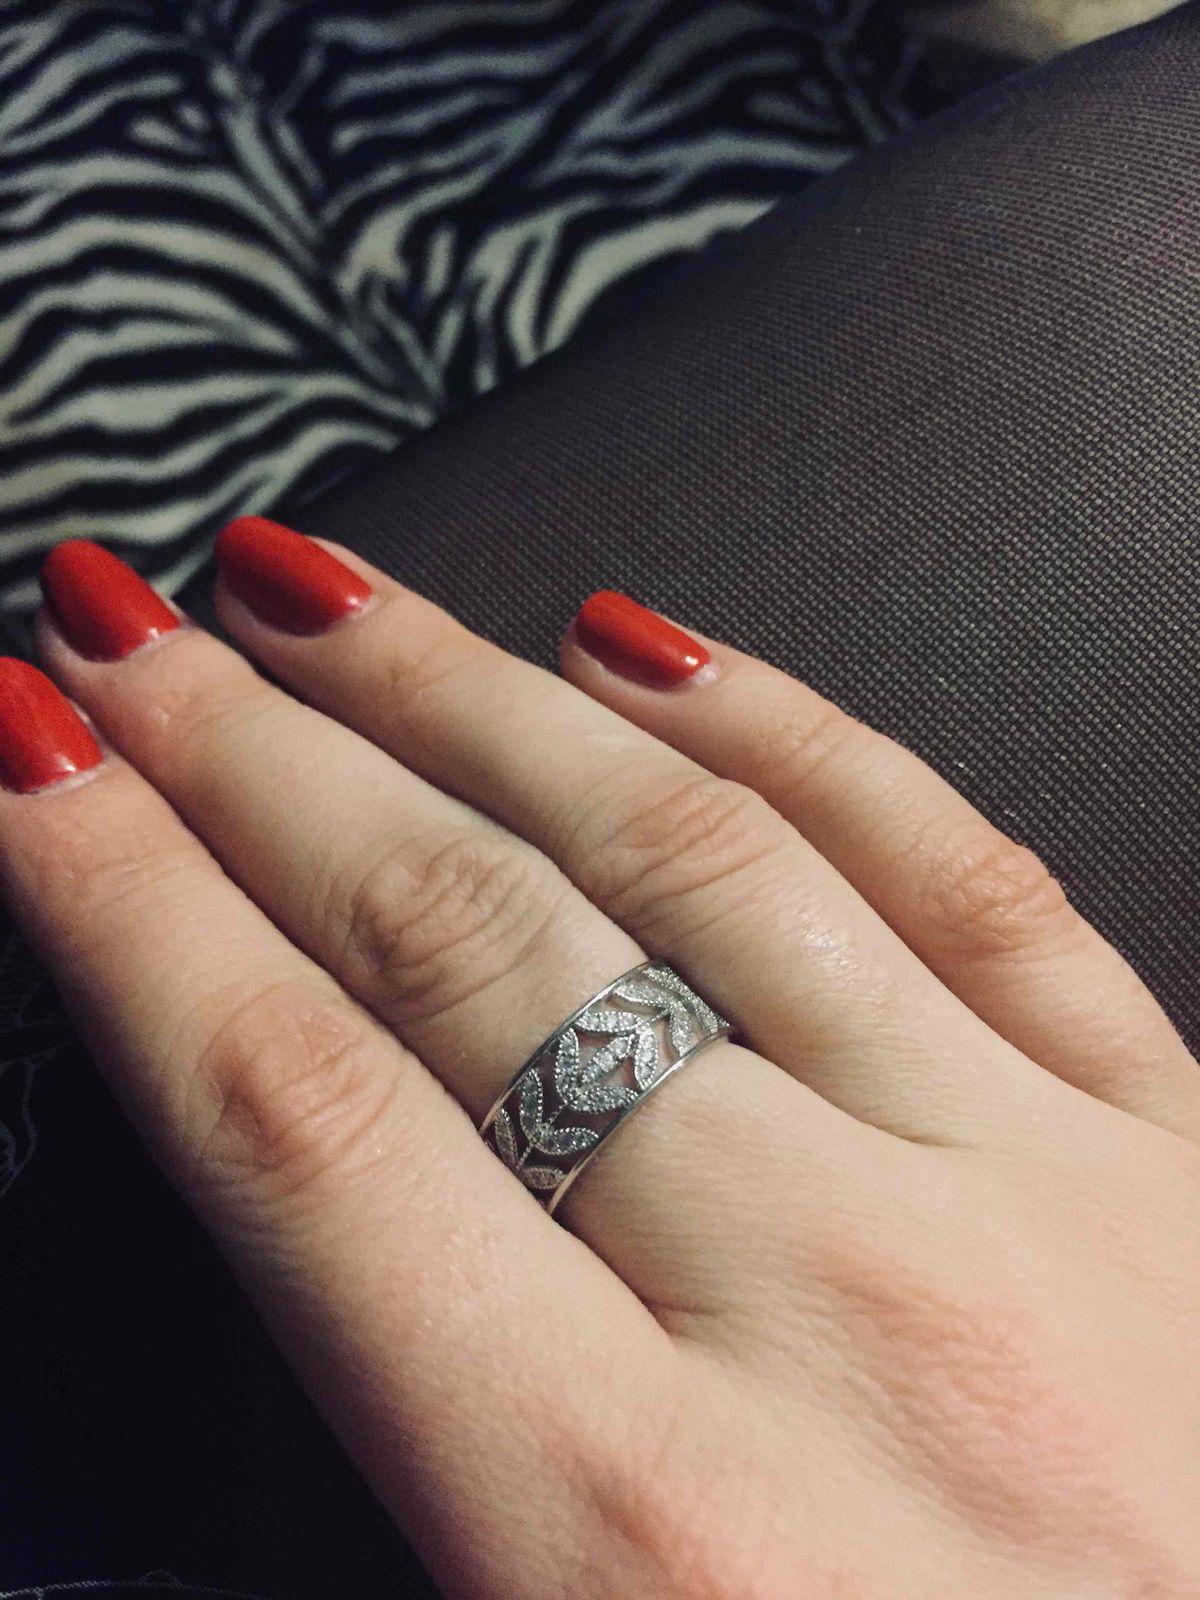 Щикарное кольцо)